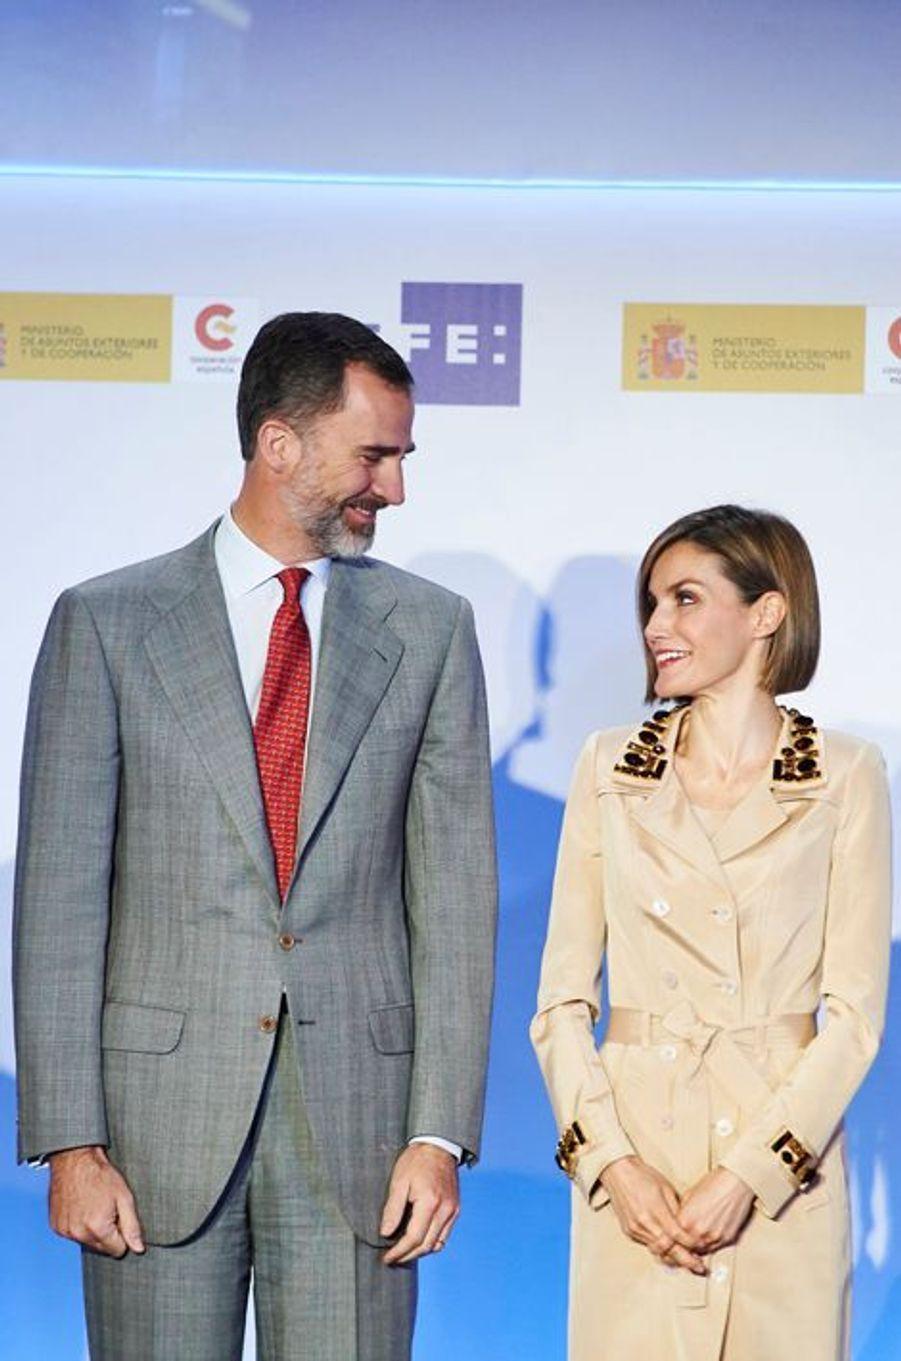 La reine Letizia et le roi Felipe VI d'Espagne à Madrid, le 7 mai 2015